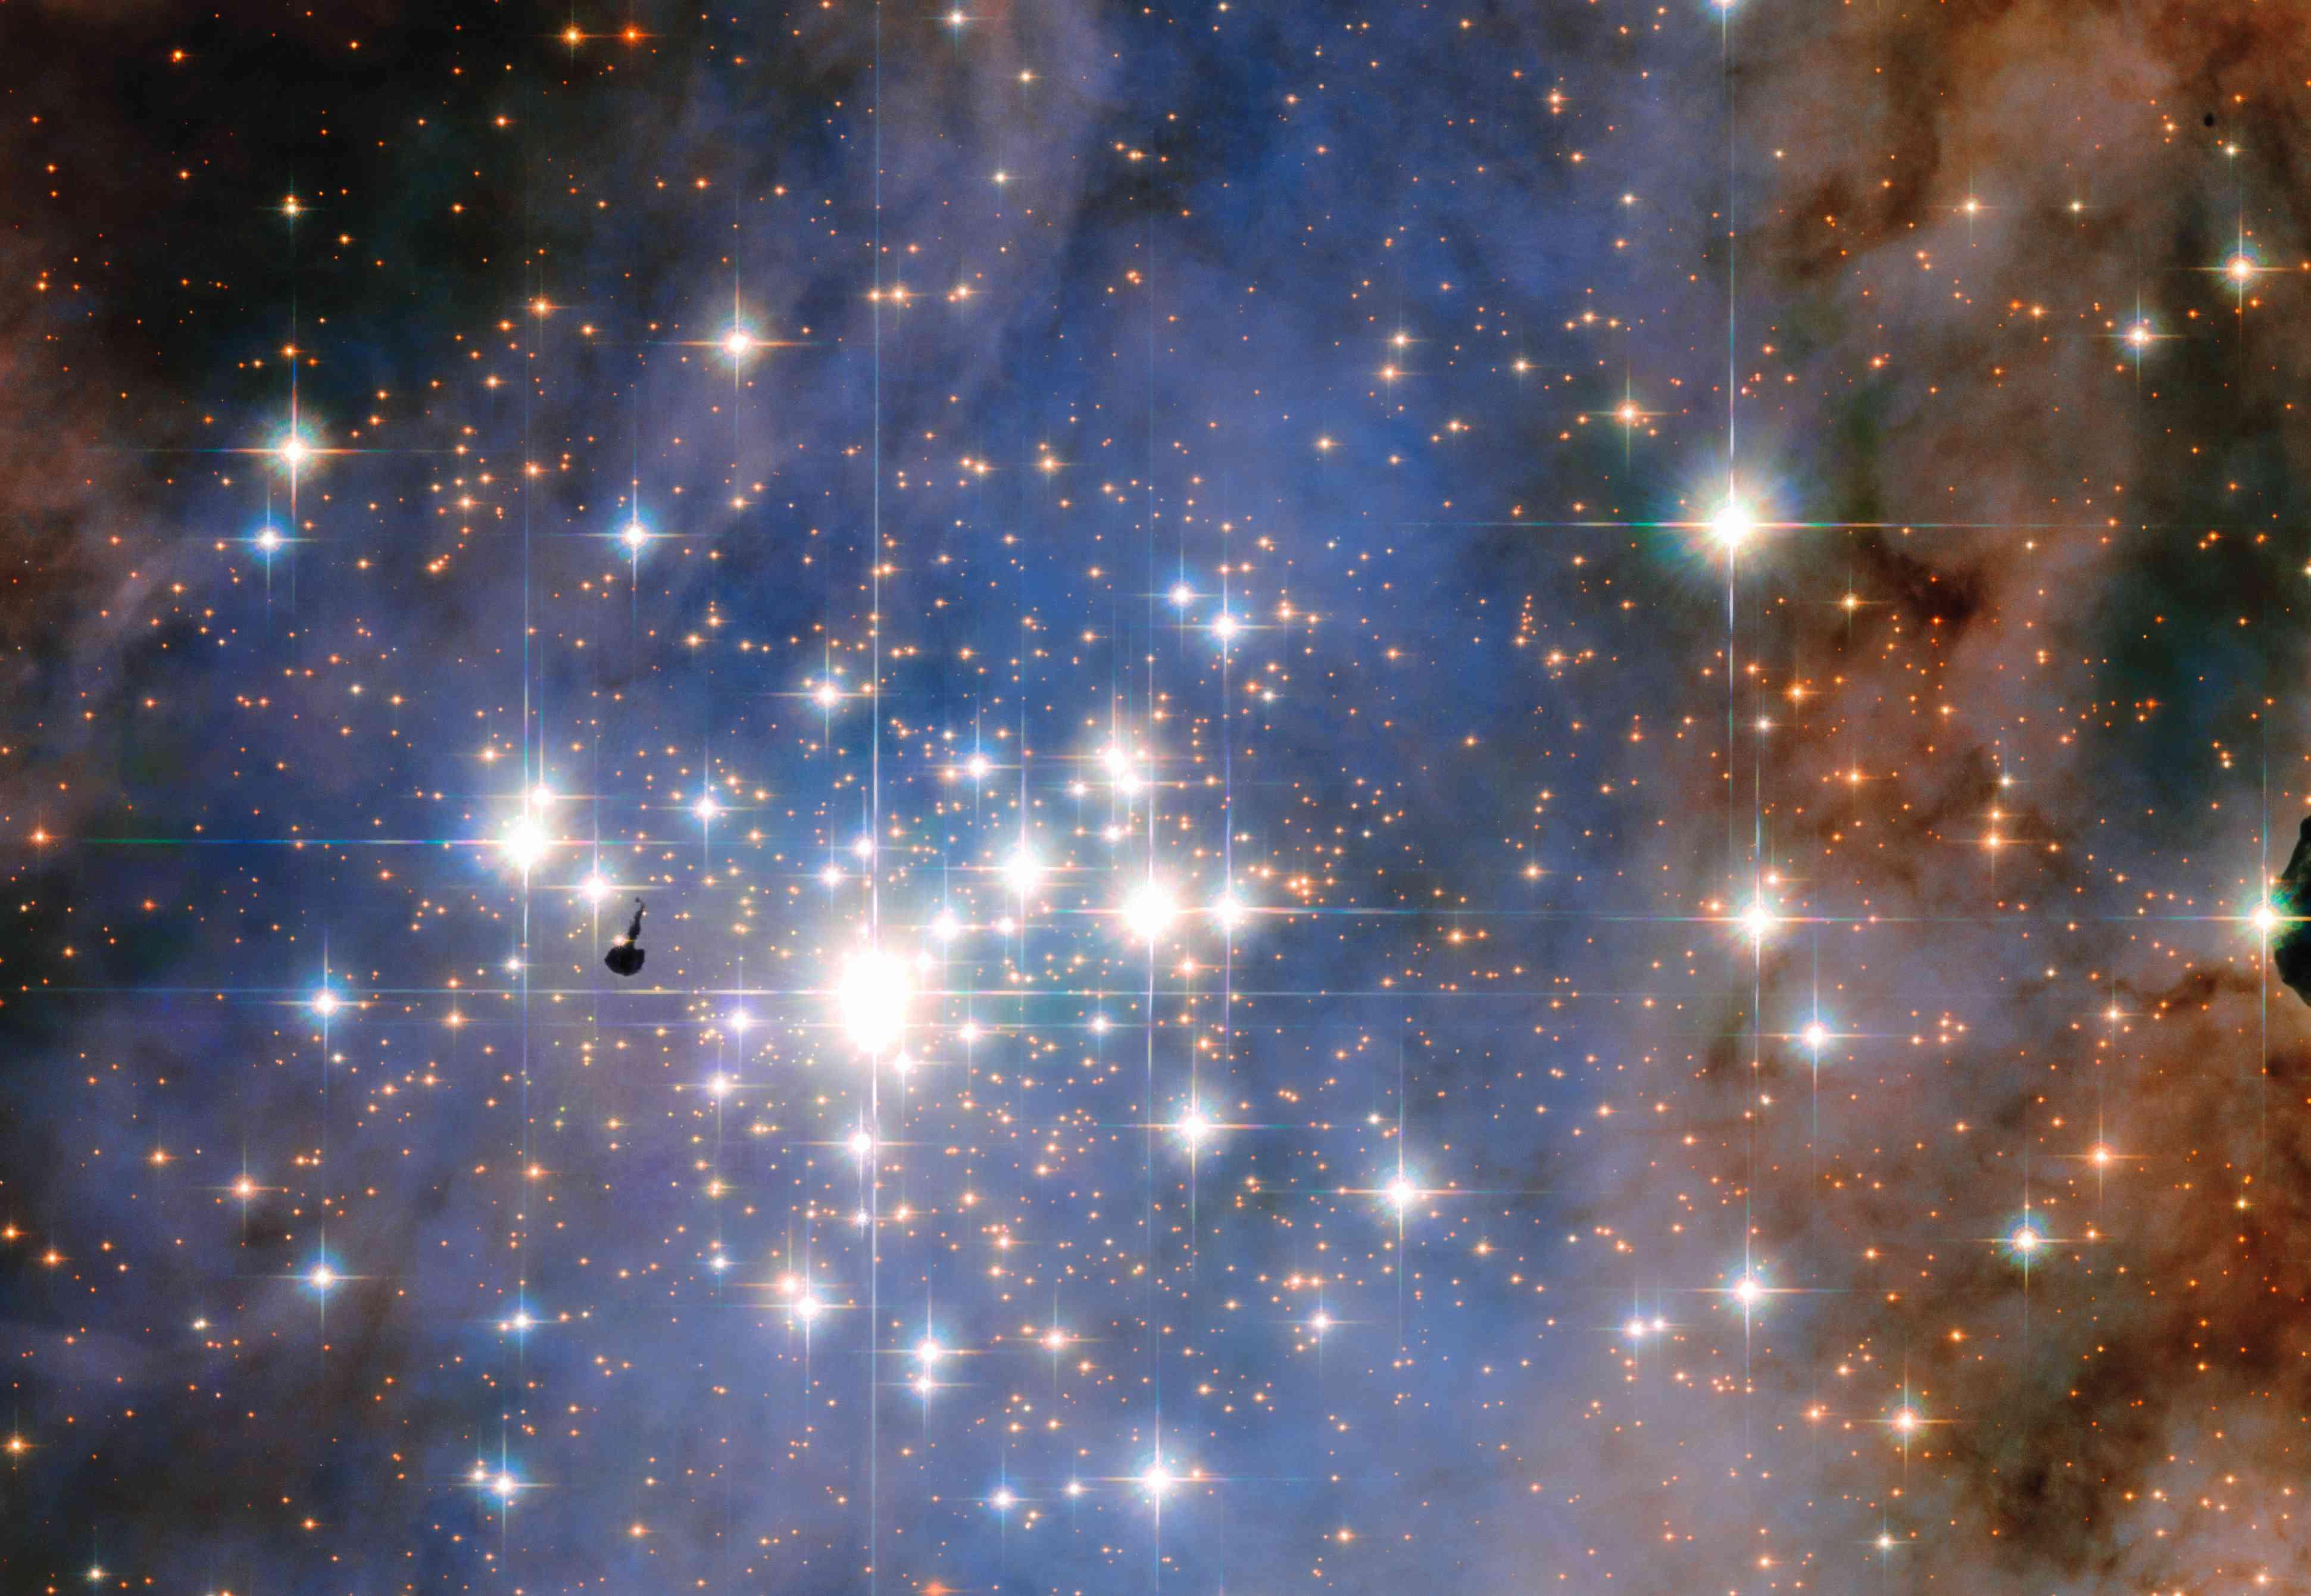 Trumpeter 14 in the Carina nebula.